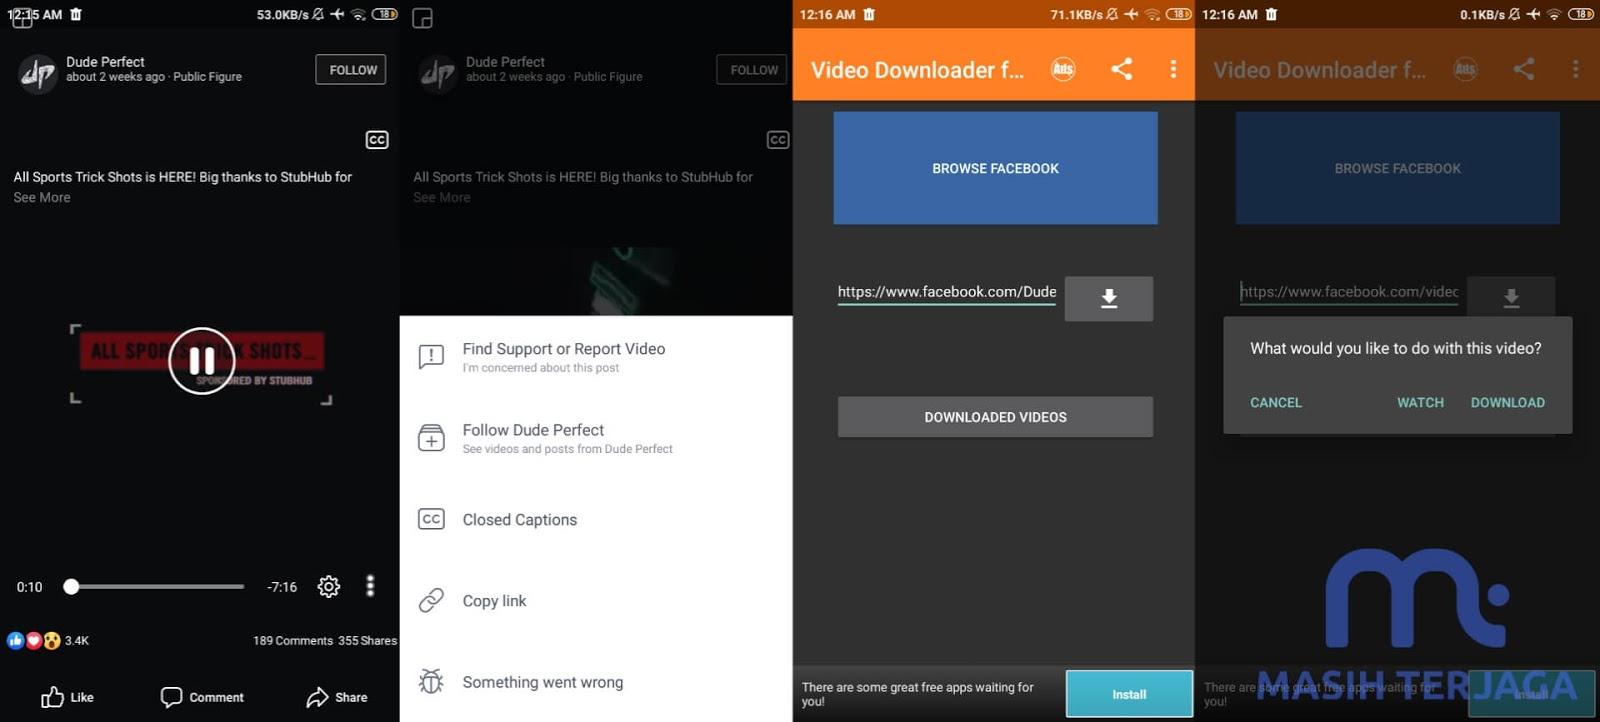 Aplikasi Untuk Download Video Facebook Lite Dan Youtube Kualitas HD Iphone Dan Android Apk